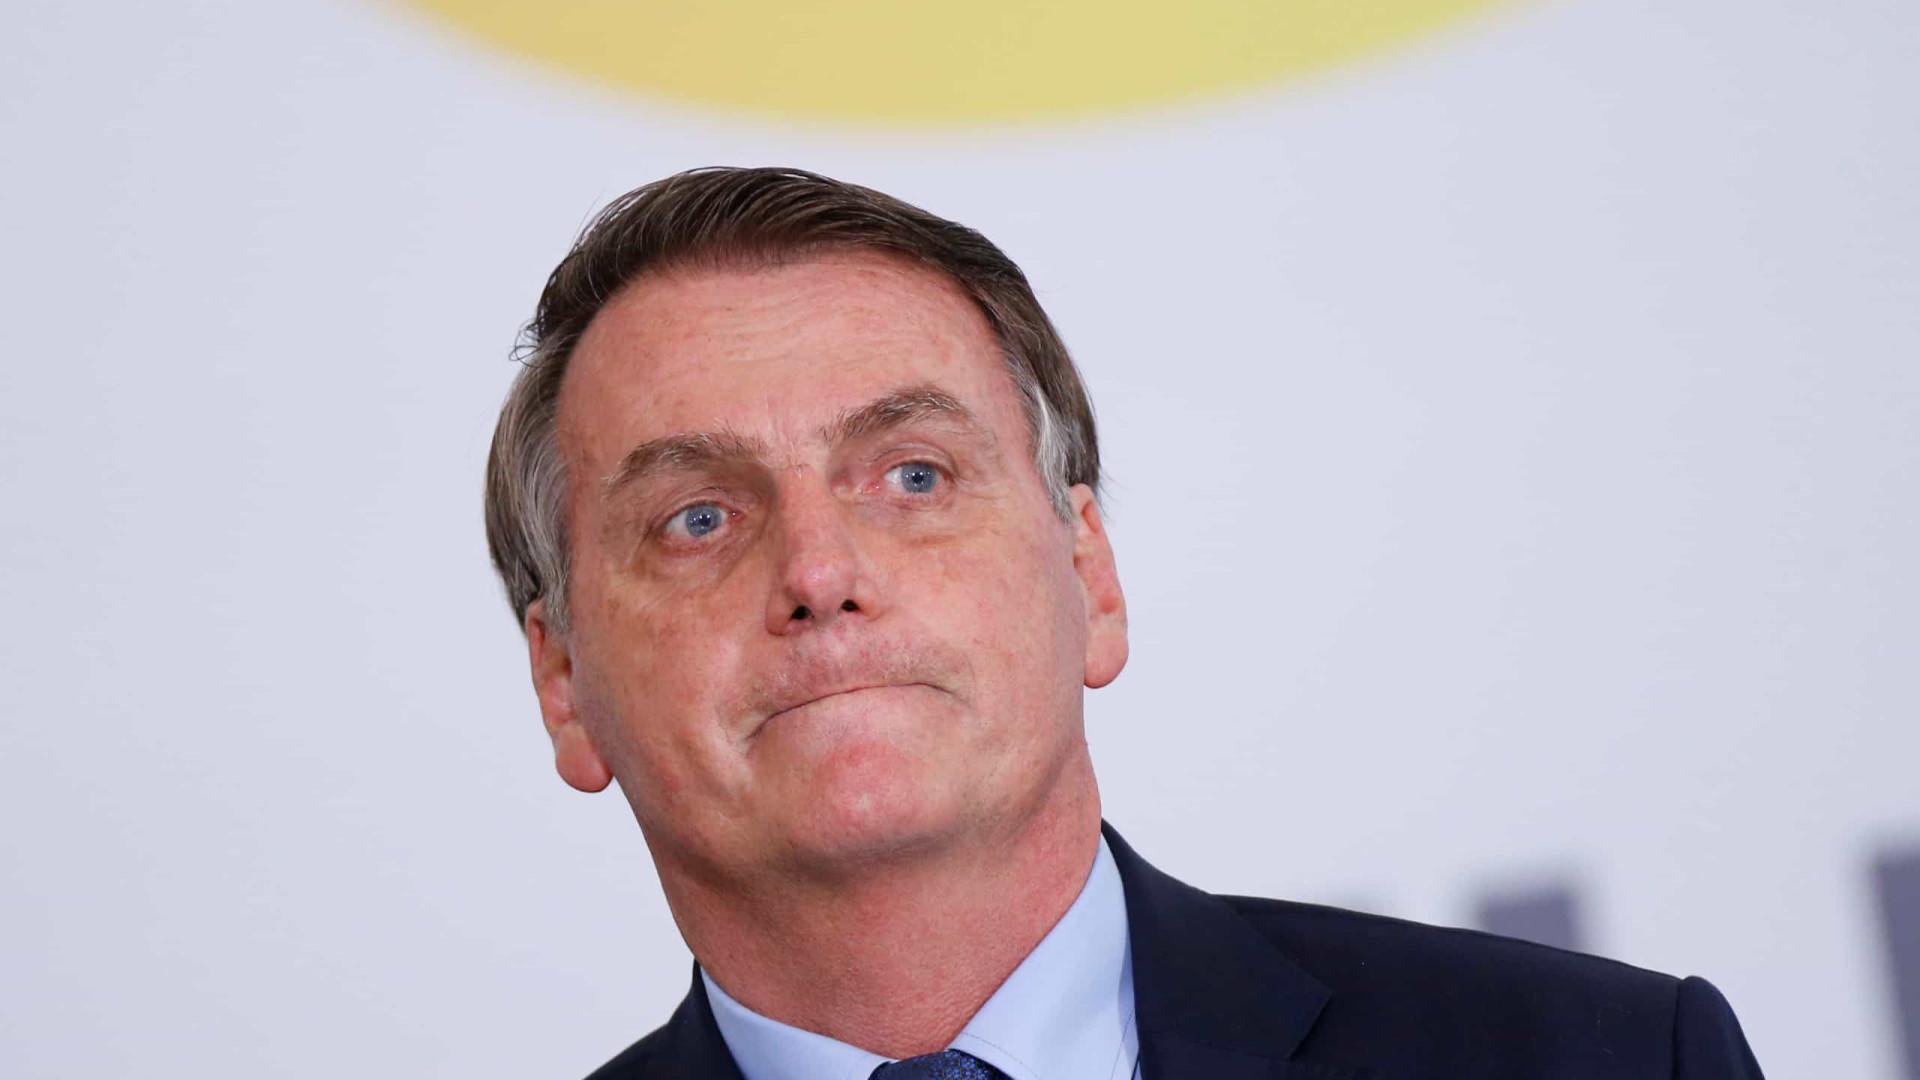 Procuradoria: PL de Bolsonaro representa 'devastação constitucional'